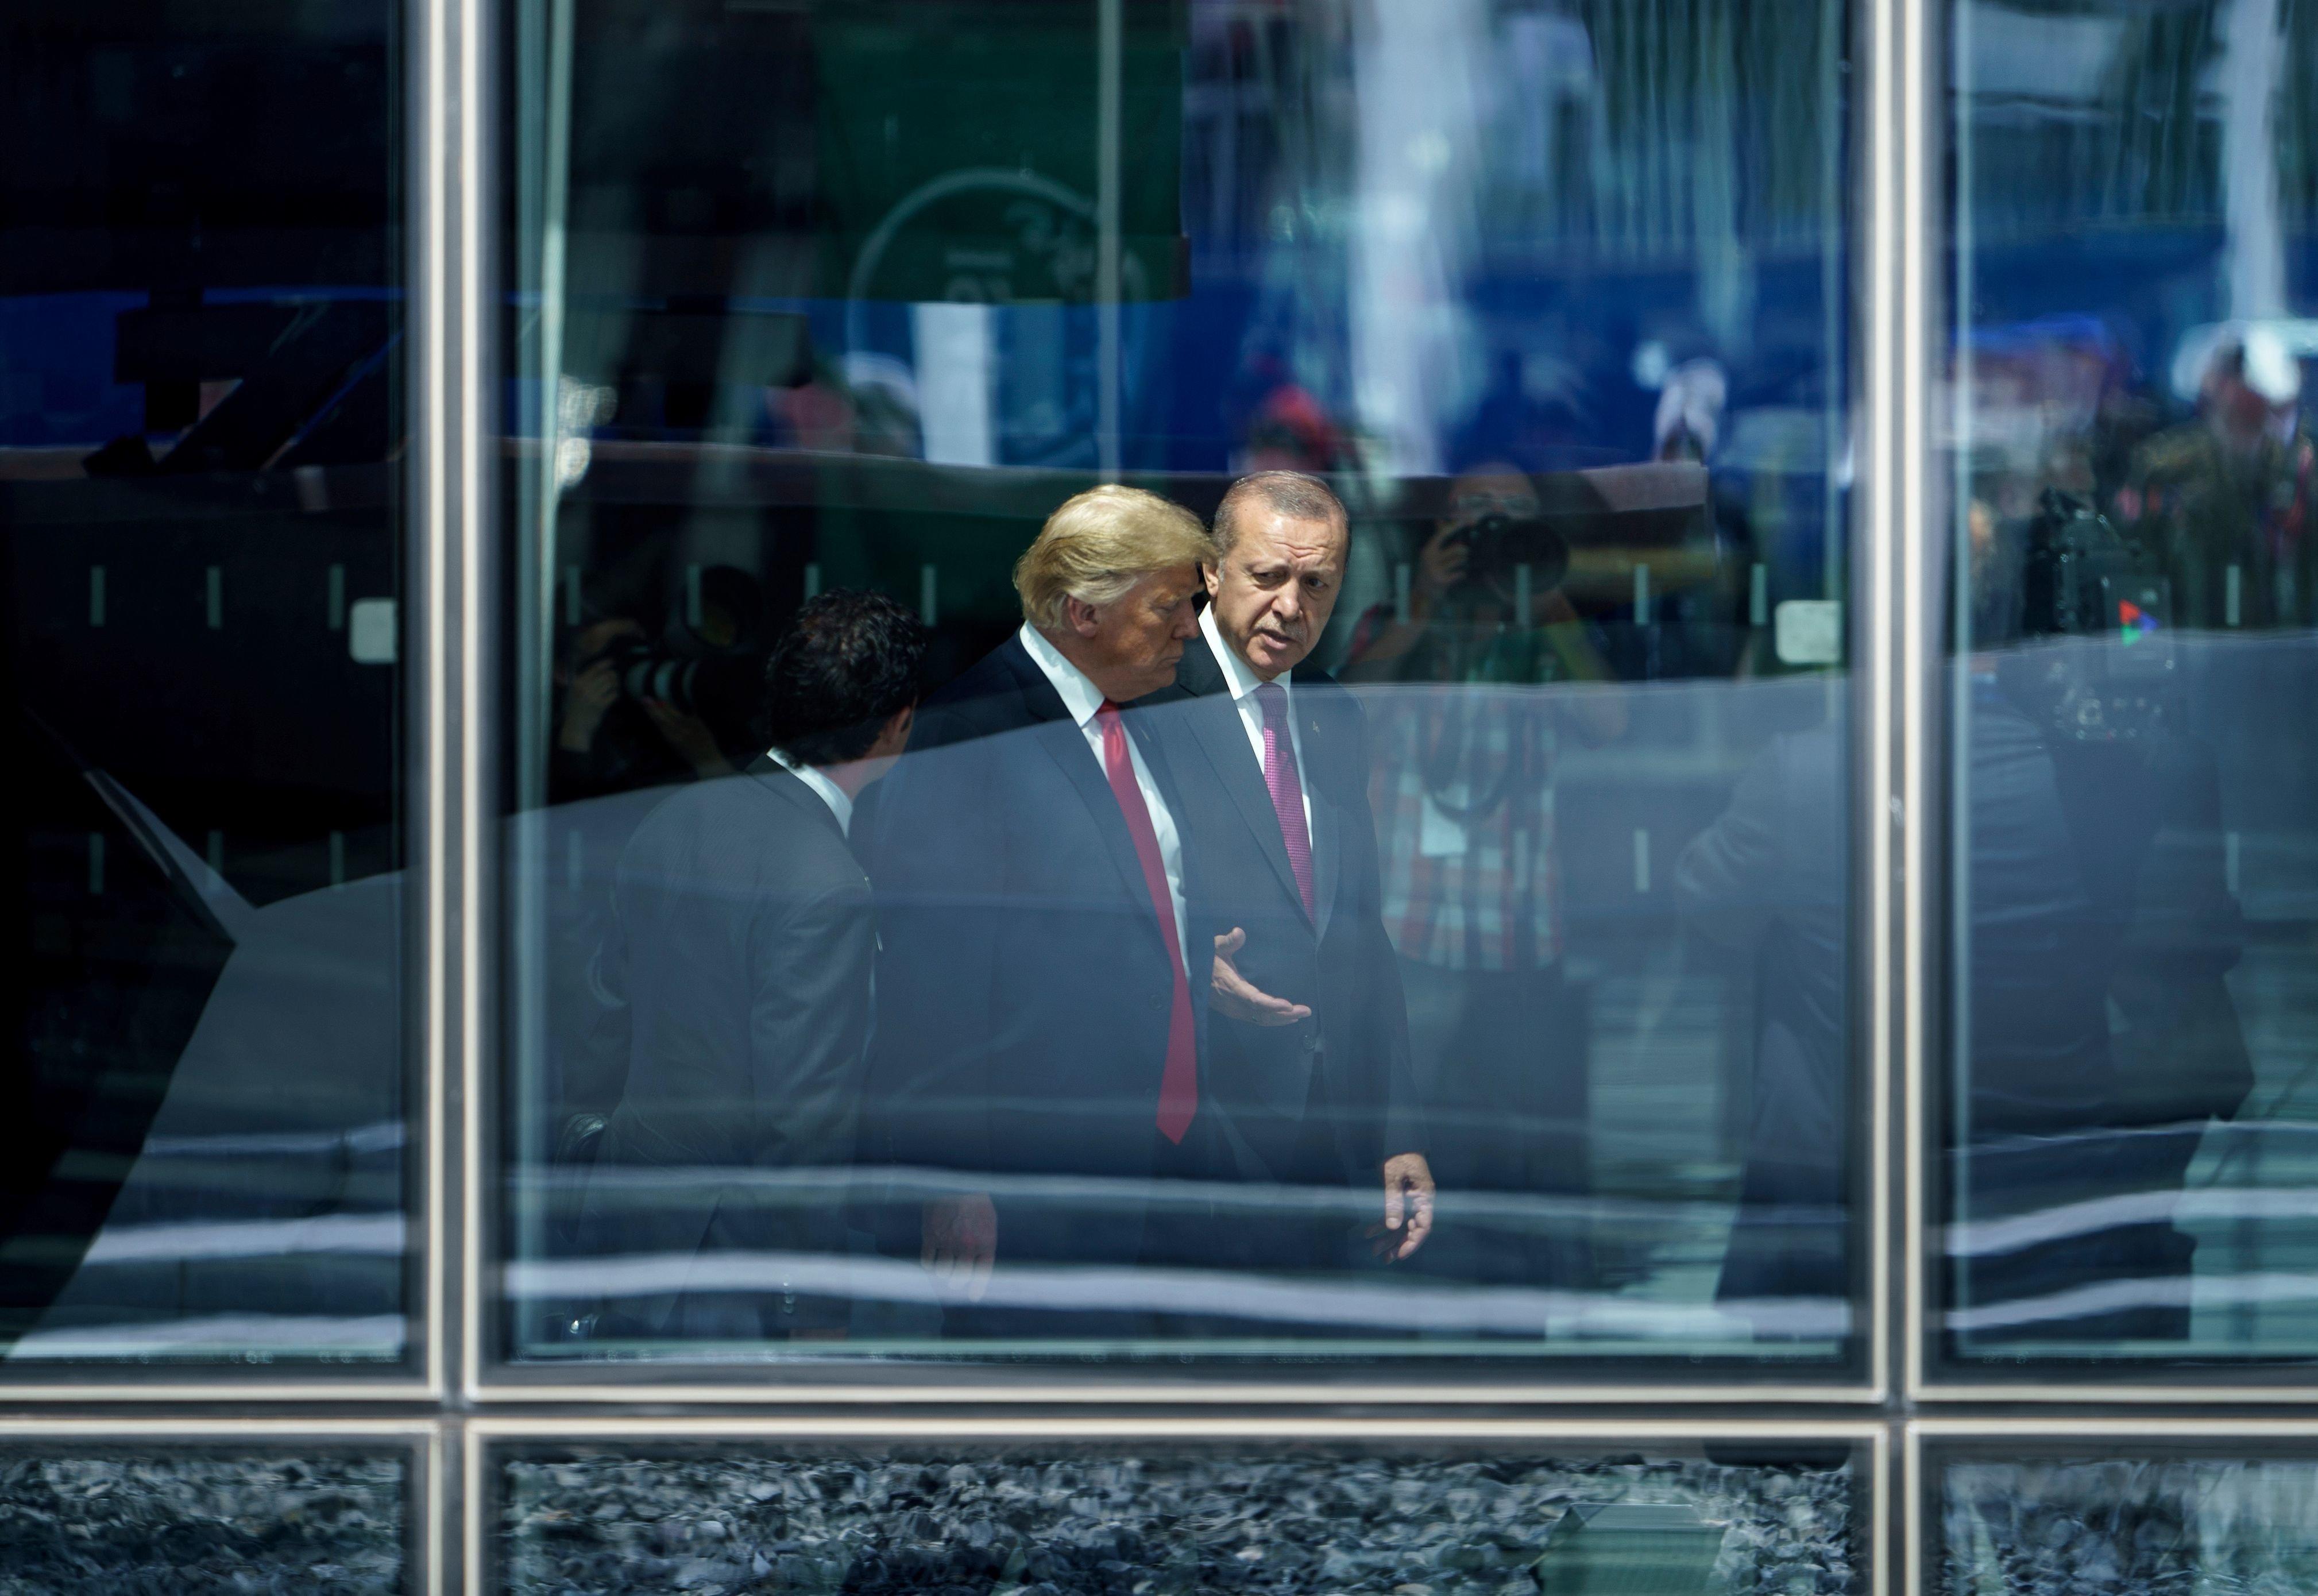 Μπλόφα του Ερντογάν στον Τραμπ με τον αμερικανό πάστορα; Εκβιασμοί και όμηροι σε ένα διπλωματικό θρίλερ